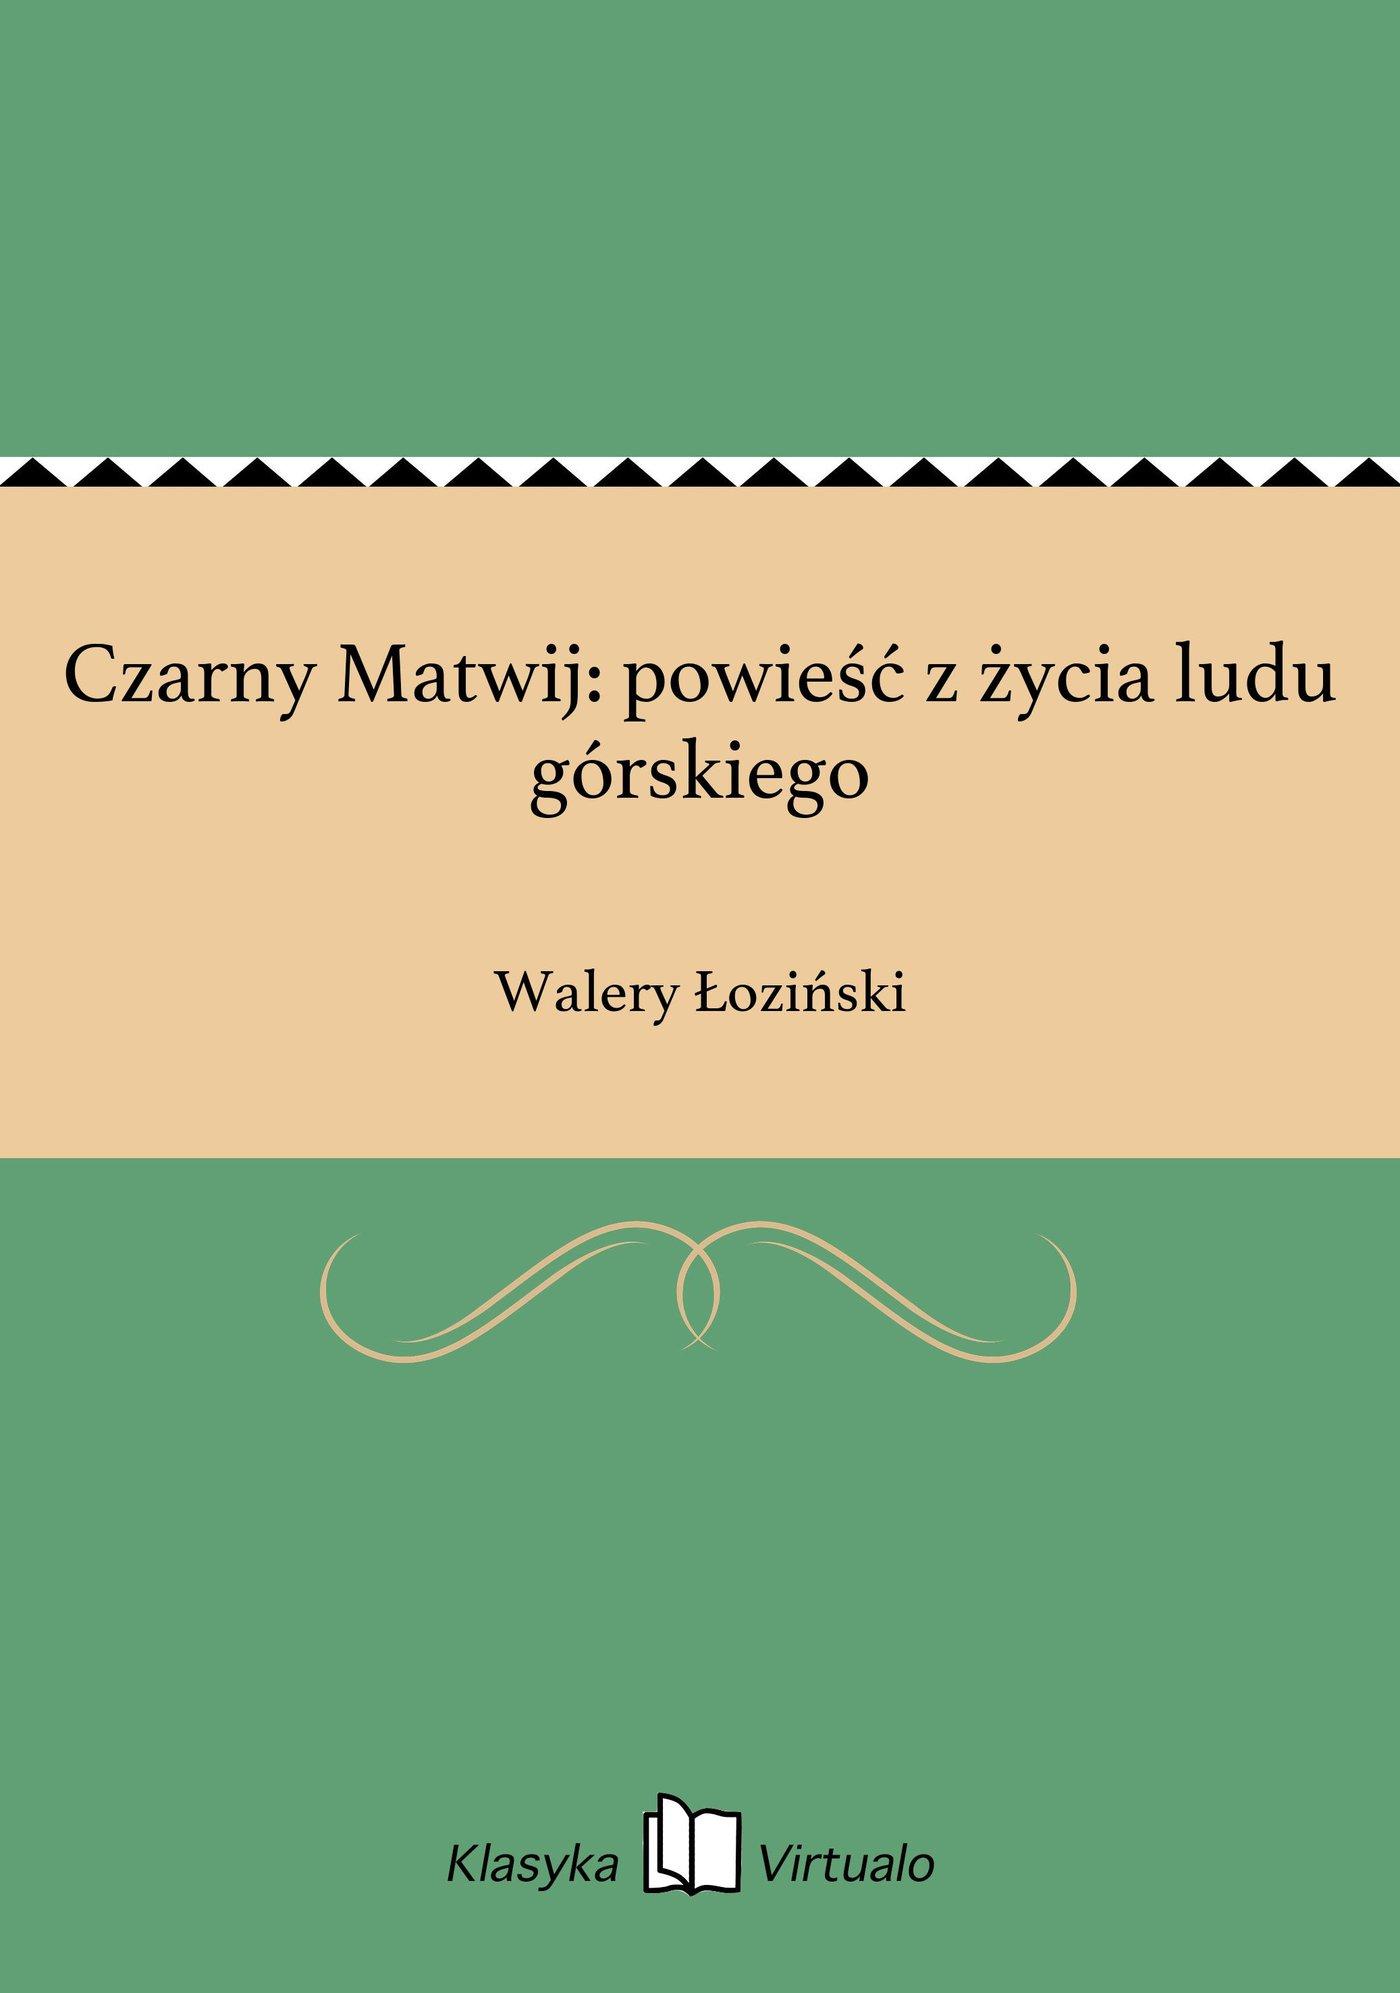 Czarny Matwij: powieść z życia ludu górskiego - Ebook (Książka EPUB) do pobrania w formacie EPUB